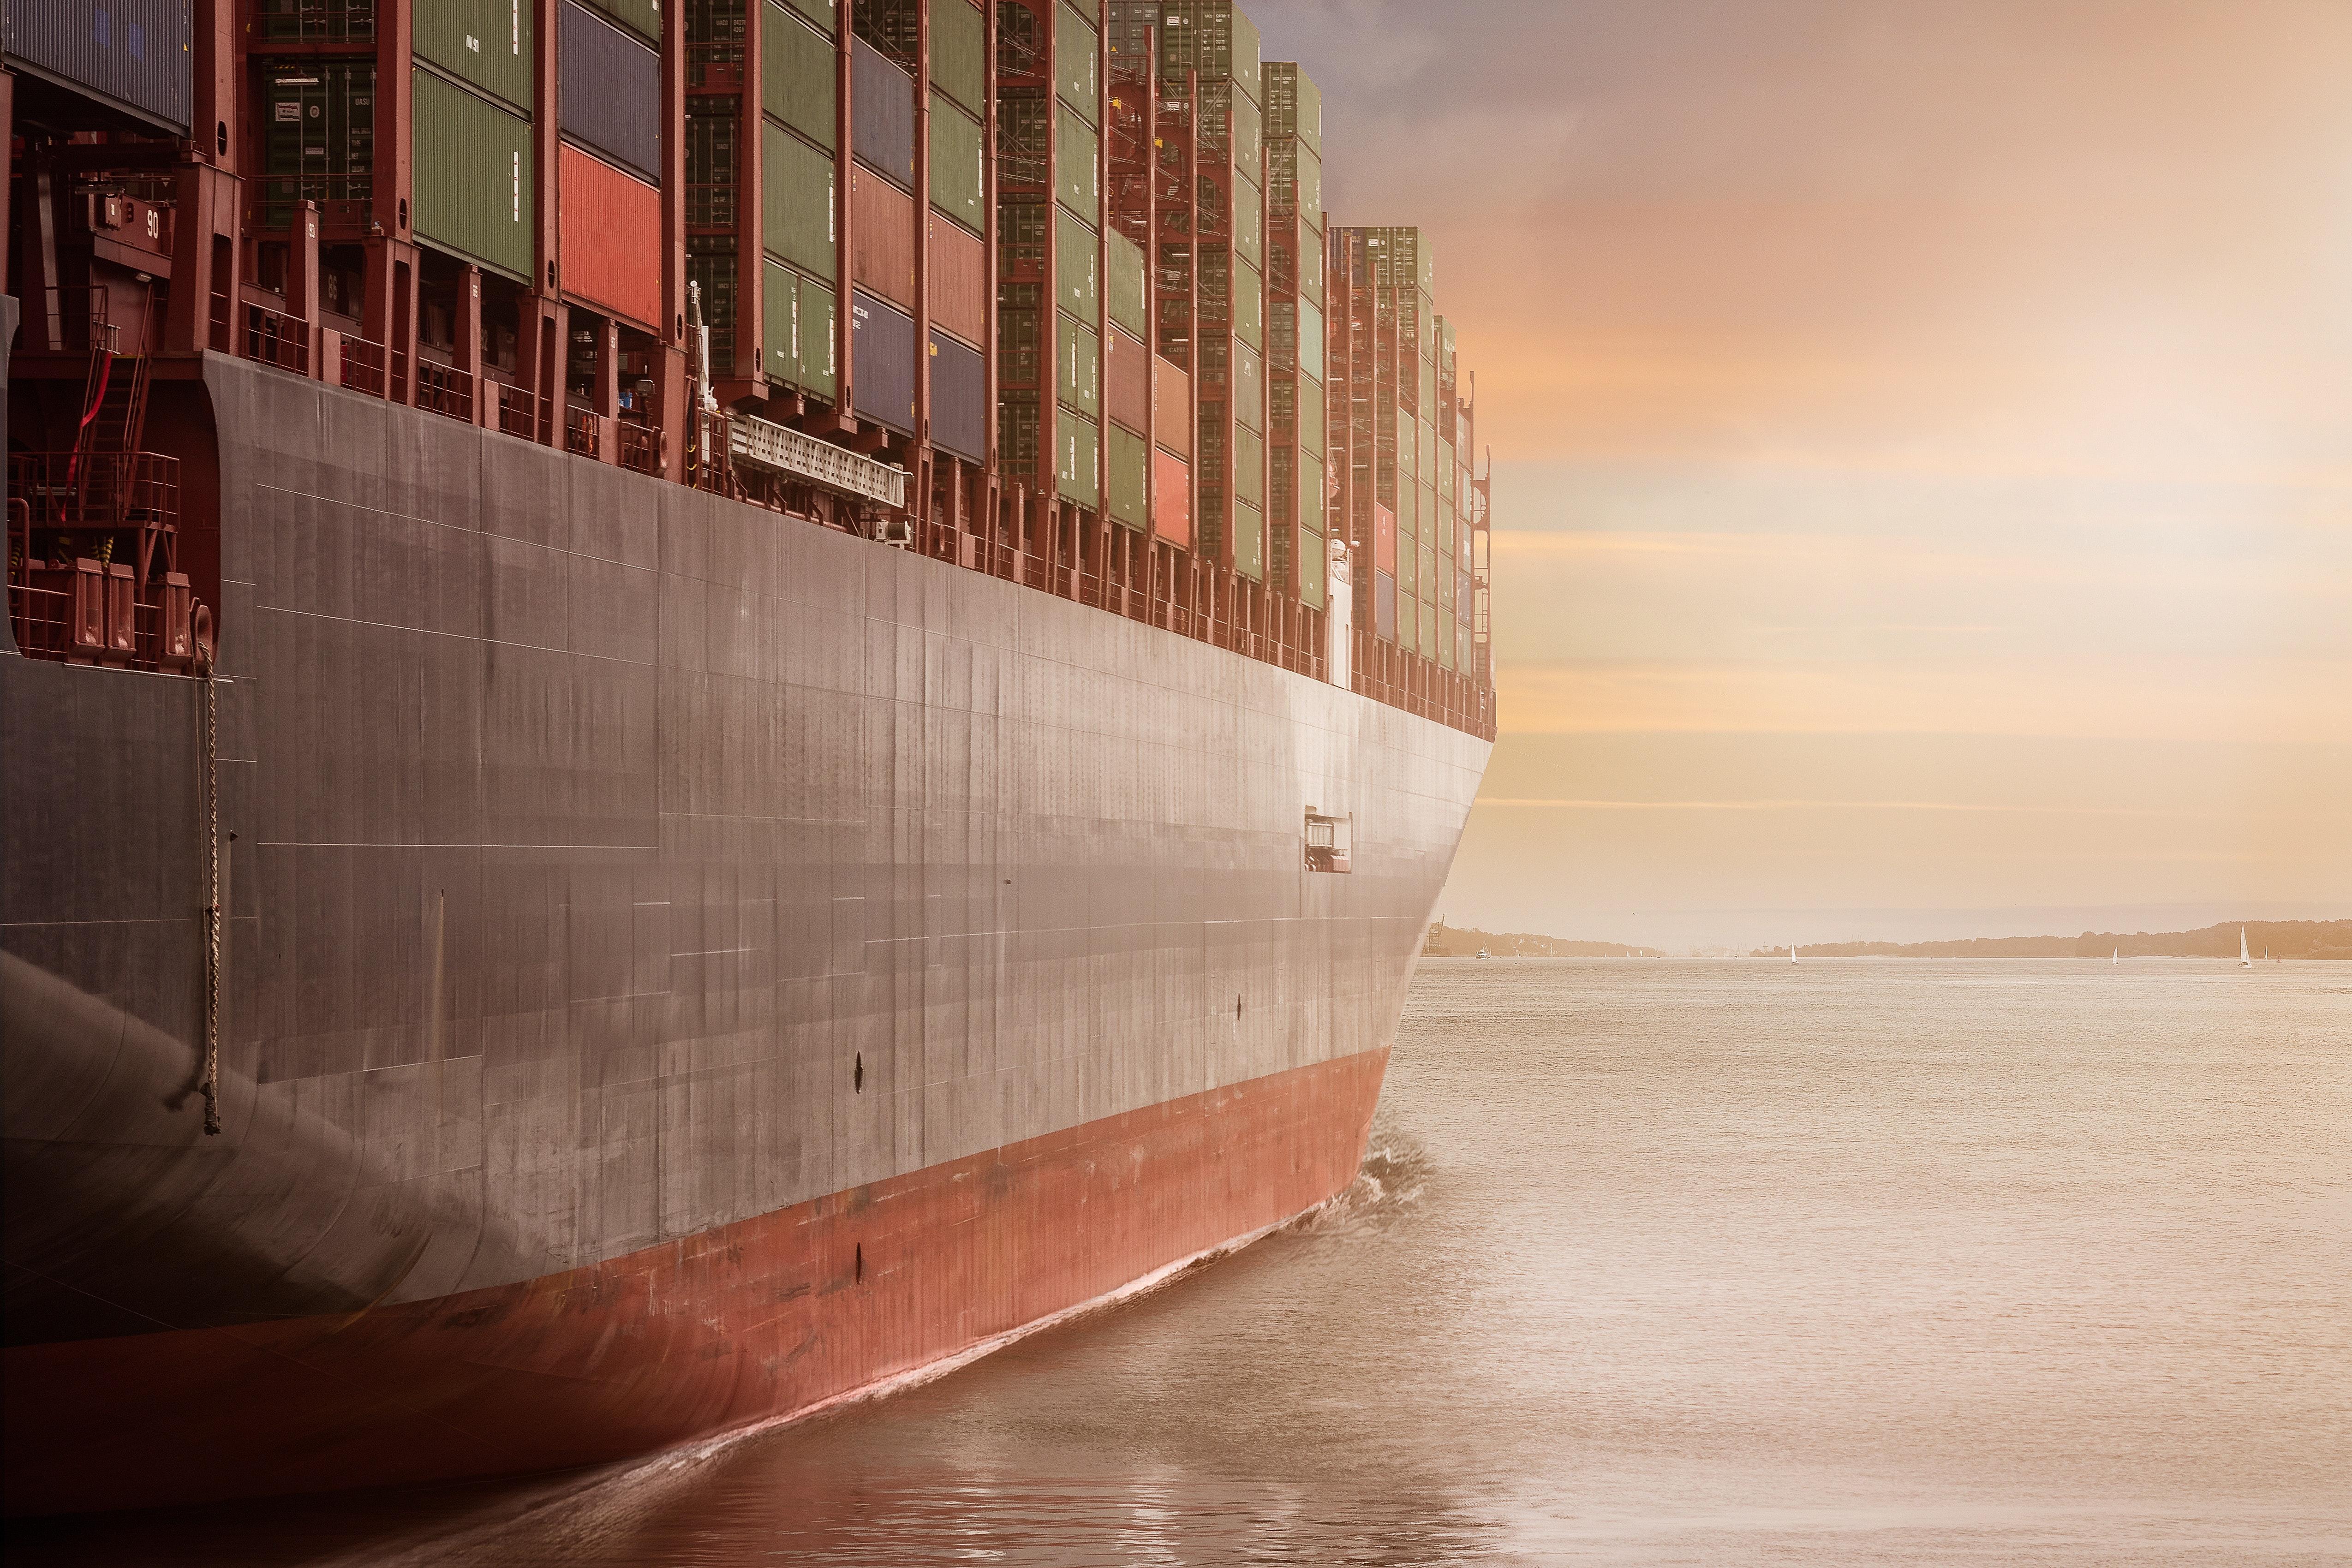 πρακτόρευση πλοίων